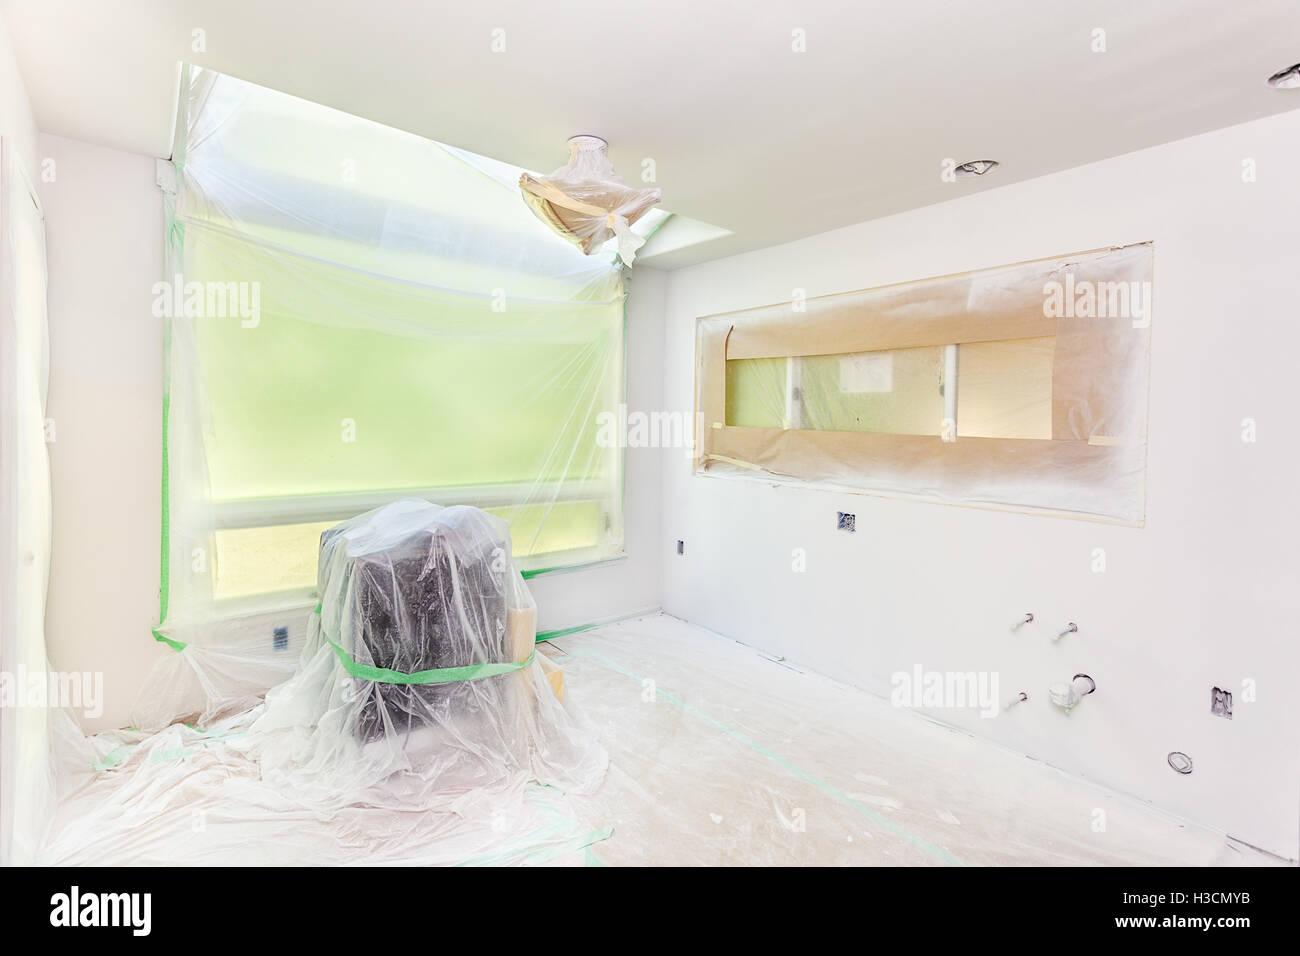 die wände grundieren stockfoto, bild: 122596415 - alamy